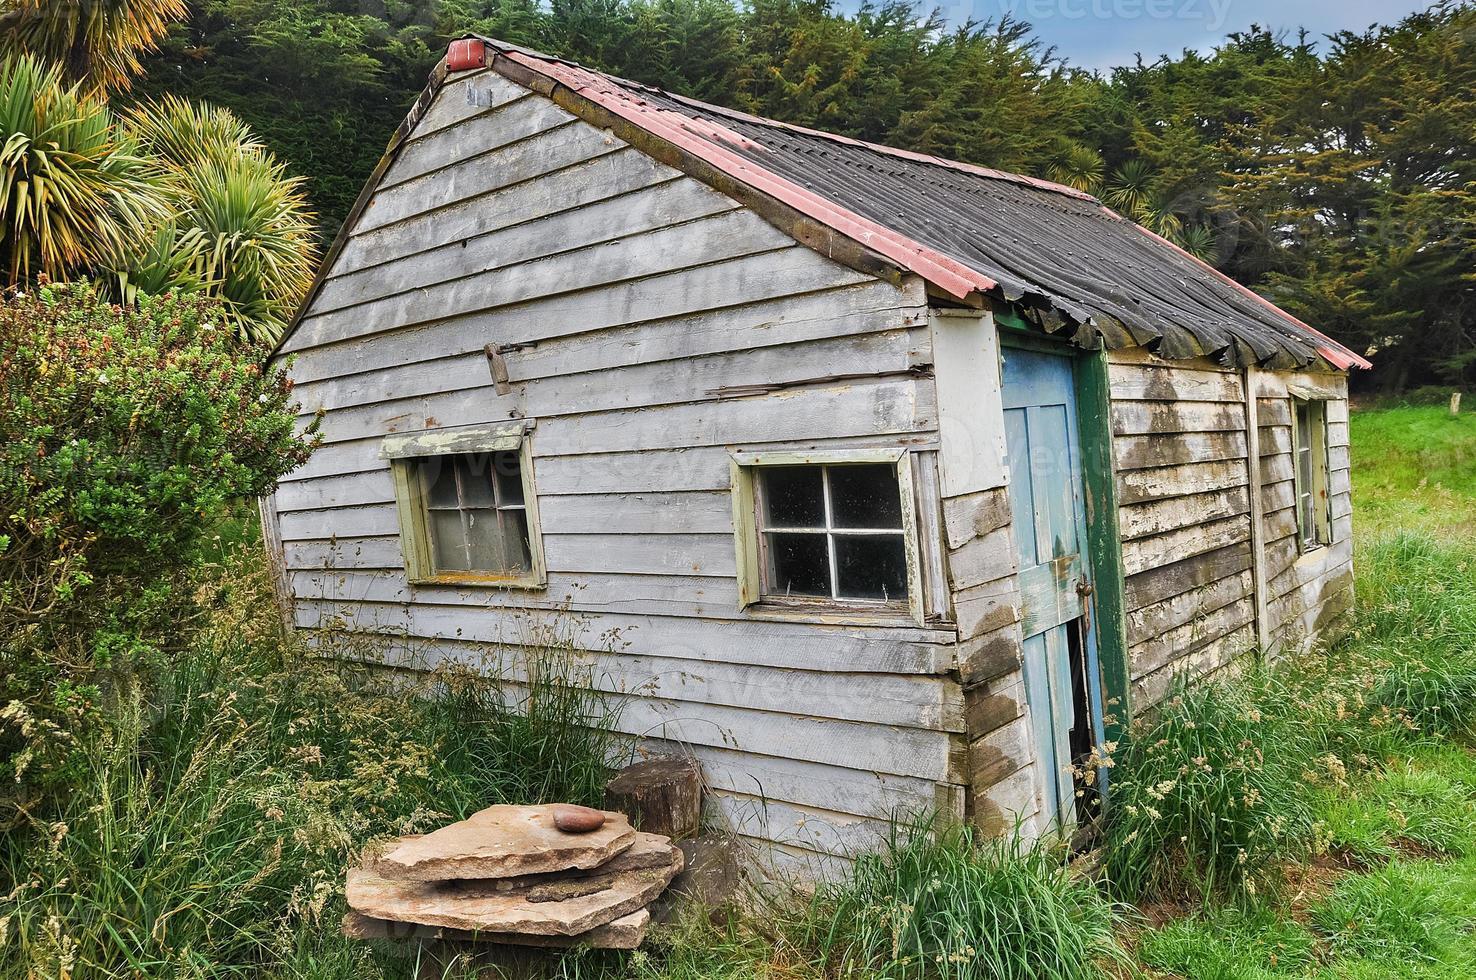 Ancienne cabane en bois patiné dans les bois photo